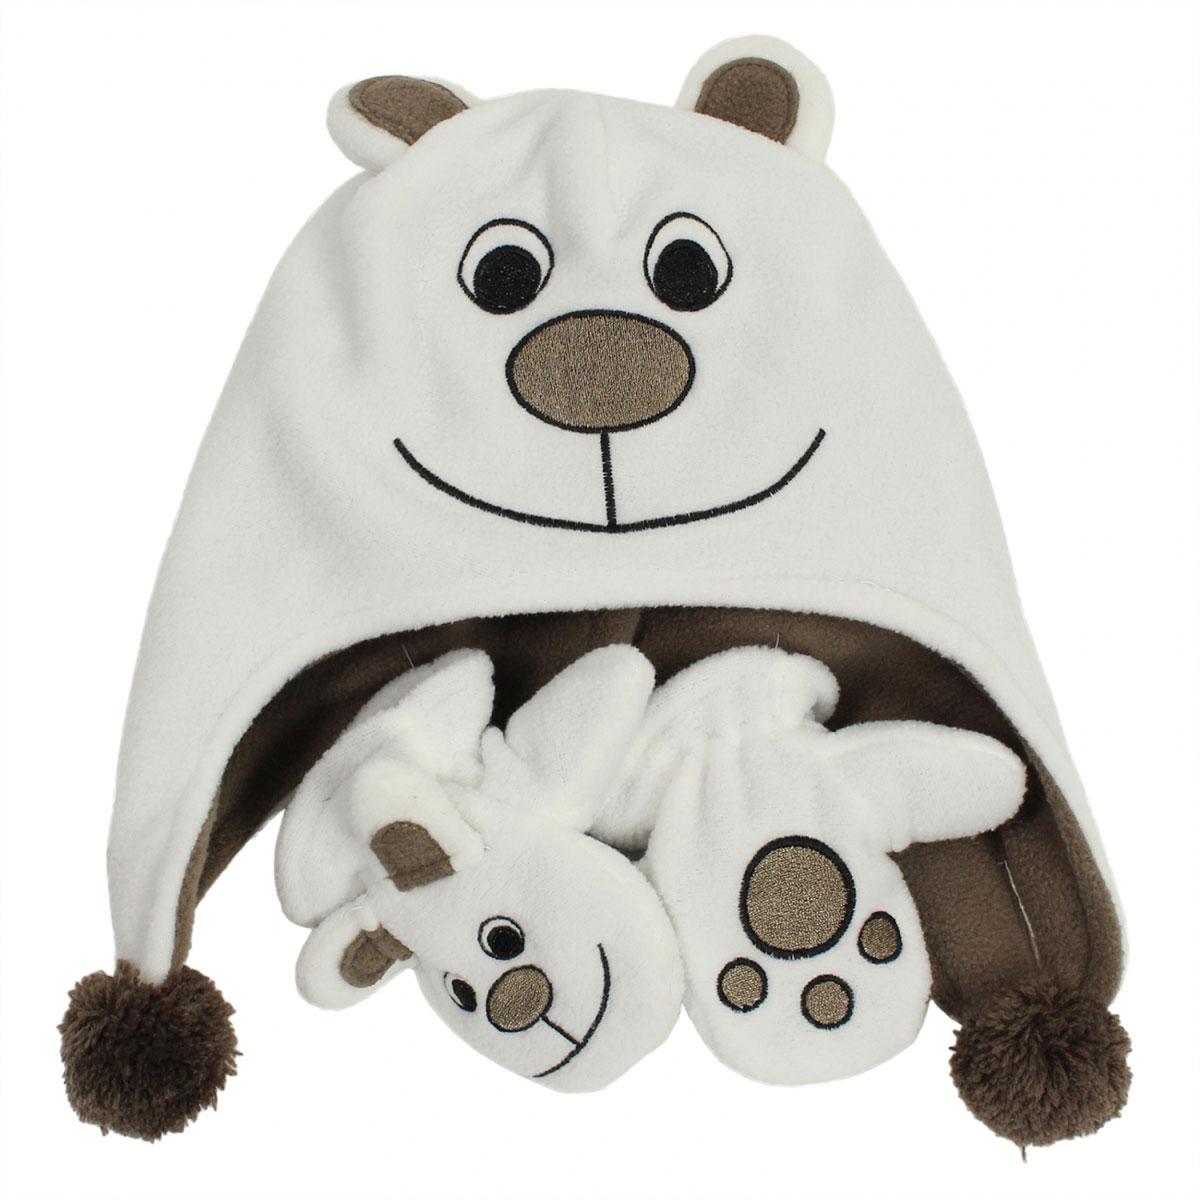 8819AS14-010Веселый комплект для малышей Huppa Bruno, состоящий из шапки и варежек, выполнен из флиса. Флисовая шапочка в виде медвежонка дополнена двумя помпонами, вышивкой и ушками. Варежки имеют аналогичный шапке дизайн. Уважаемые клиенты! Обращаем ваше внимание на тот факт, что размер шапки доступный для заказа, является обхватом головы.